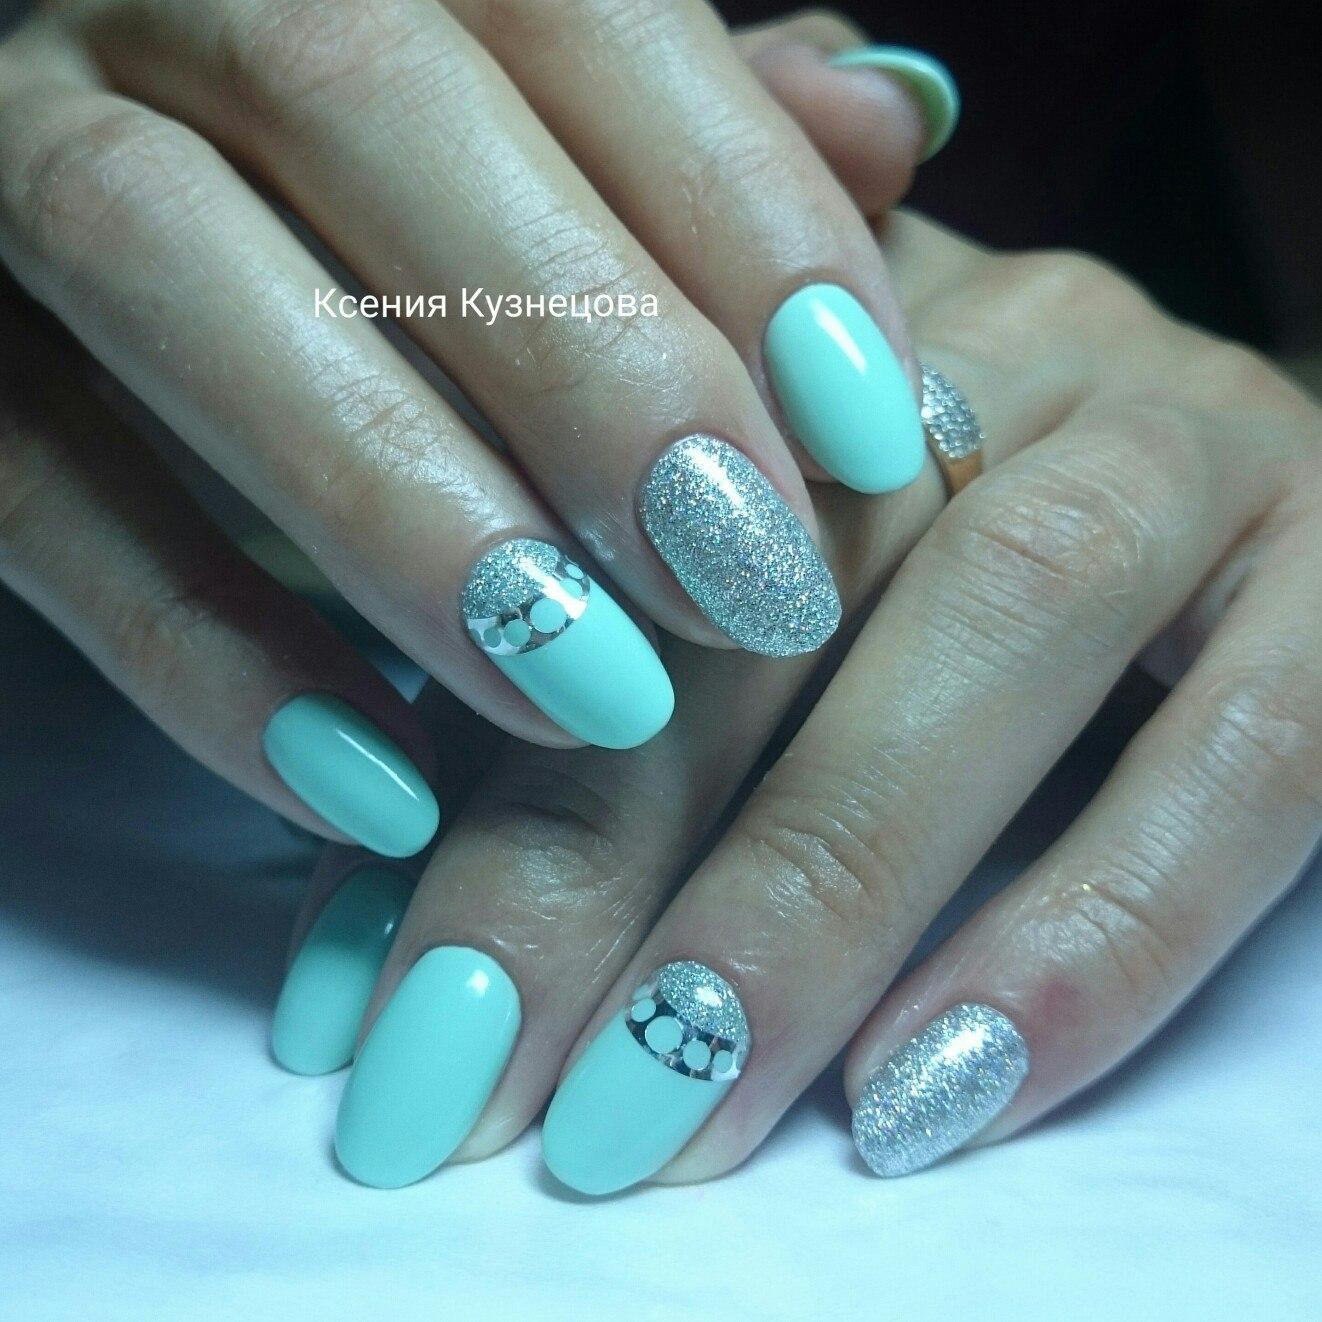 Дизайн ногтей для овальной формы